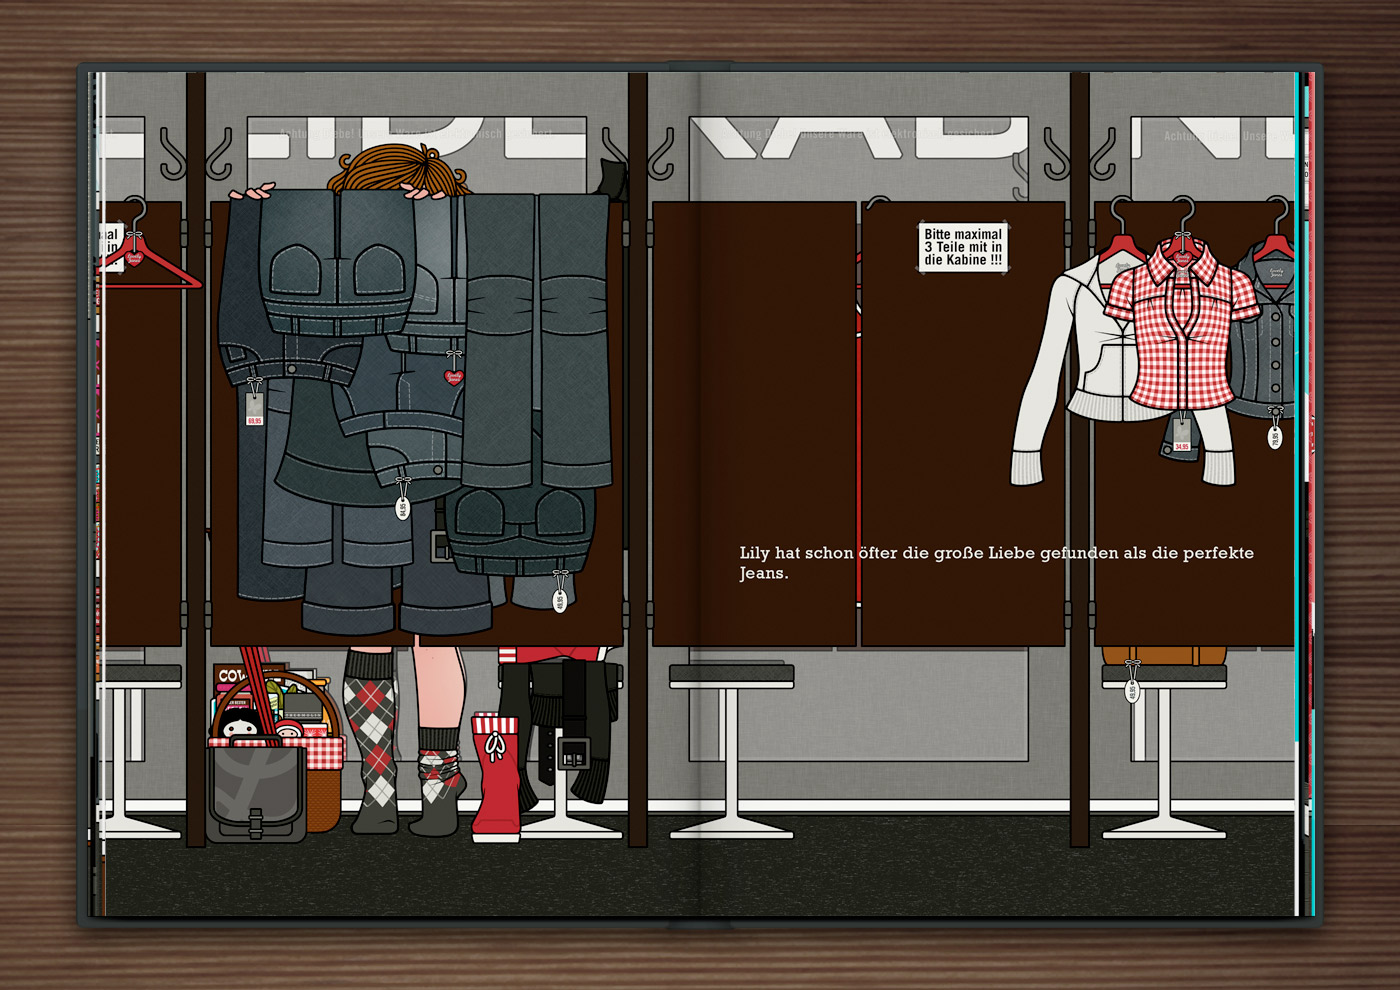 Zeichnung von einem Mädchen beim Einkaufen und Anprobieren von Jeans vor dem Spiegel einer Umkleidekabine im Buch Die wunderbare Welt der Lily Lux